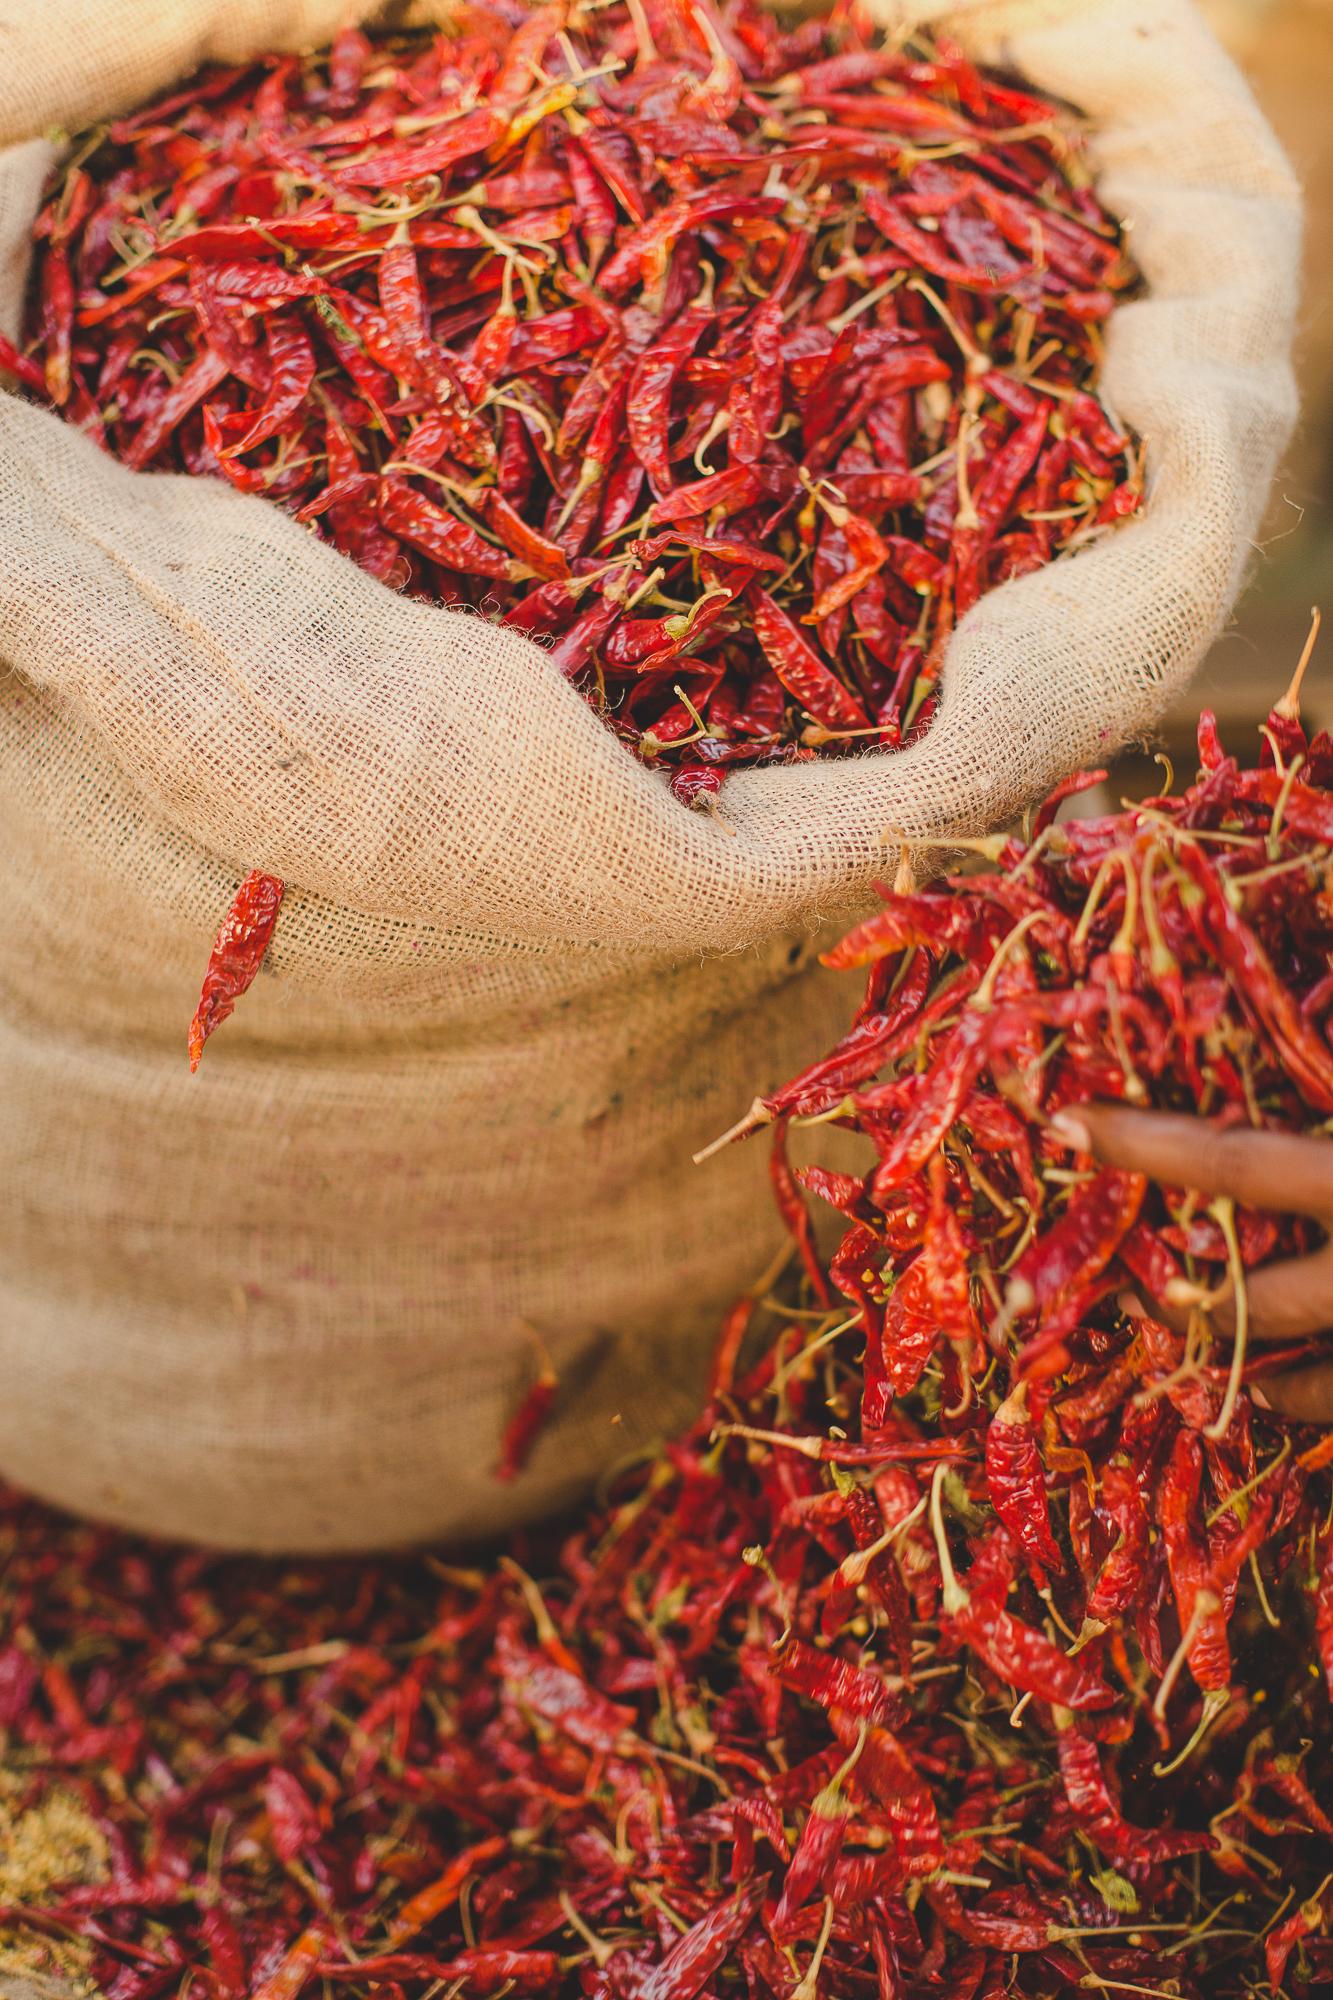 Dried Chilli's